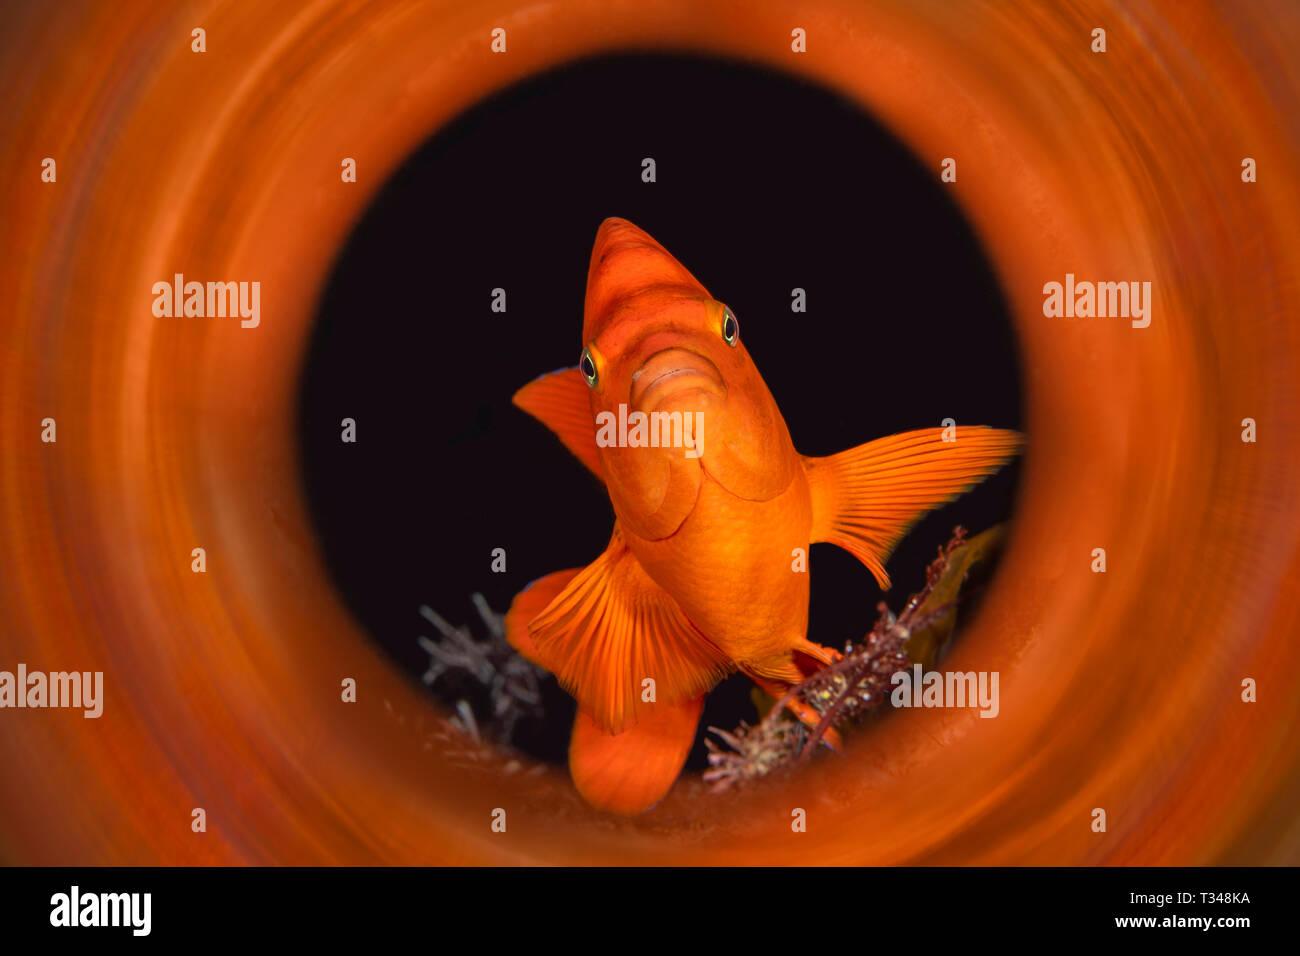 Una luce arancione brillante colpo di Garibaldi in con un tubetto magico per catturare i riflessi degli animali di colore a destra fuori della fotocamera. Foto Stock